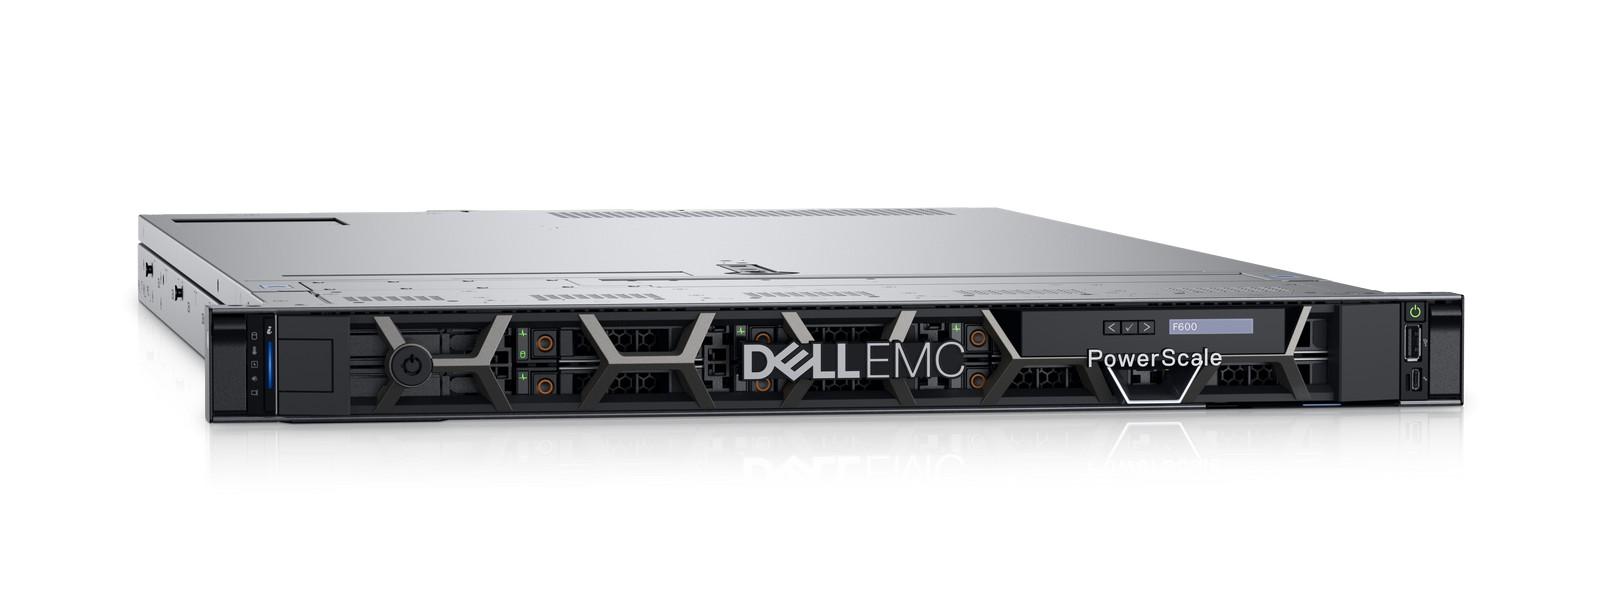 TCBC Dell Technologies với bộ lưu trữ PowerScale thiết lập chuẩn mực mới mở ra nhiều tiềm năng về dữ liệu